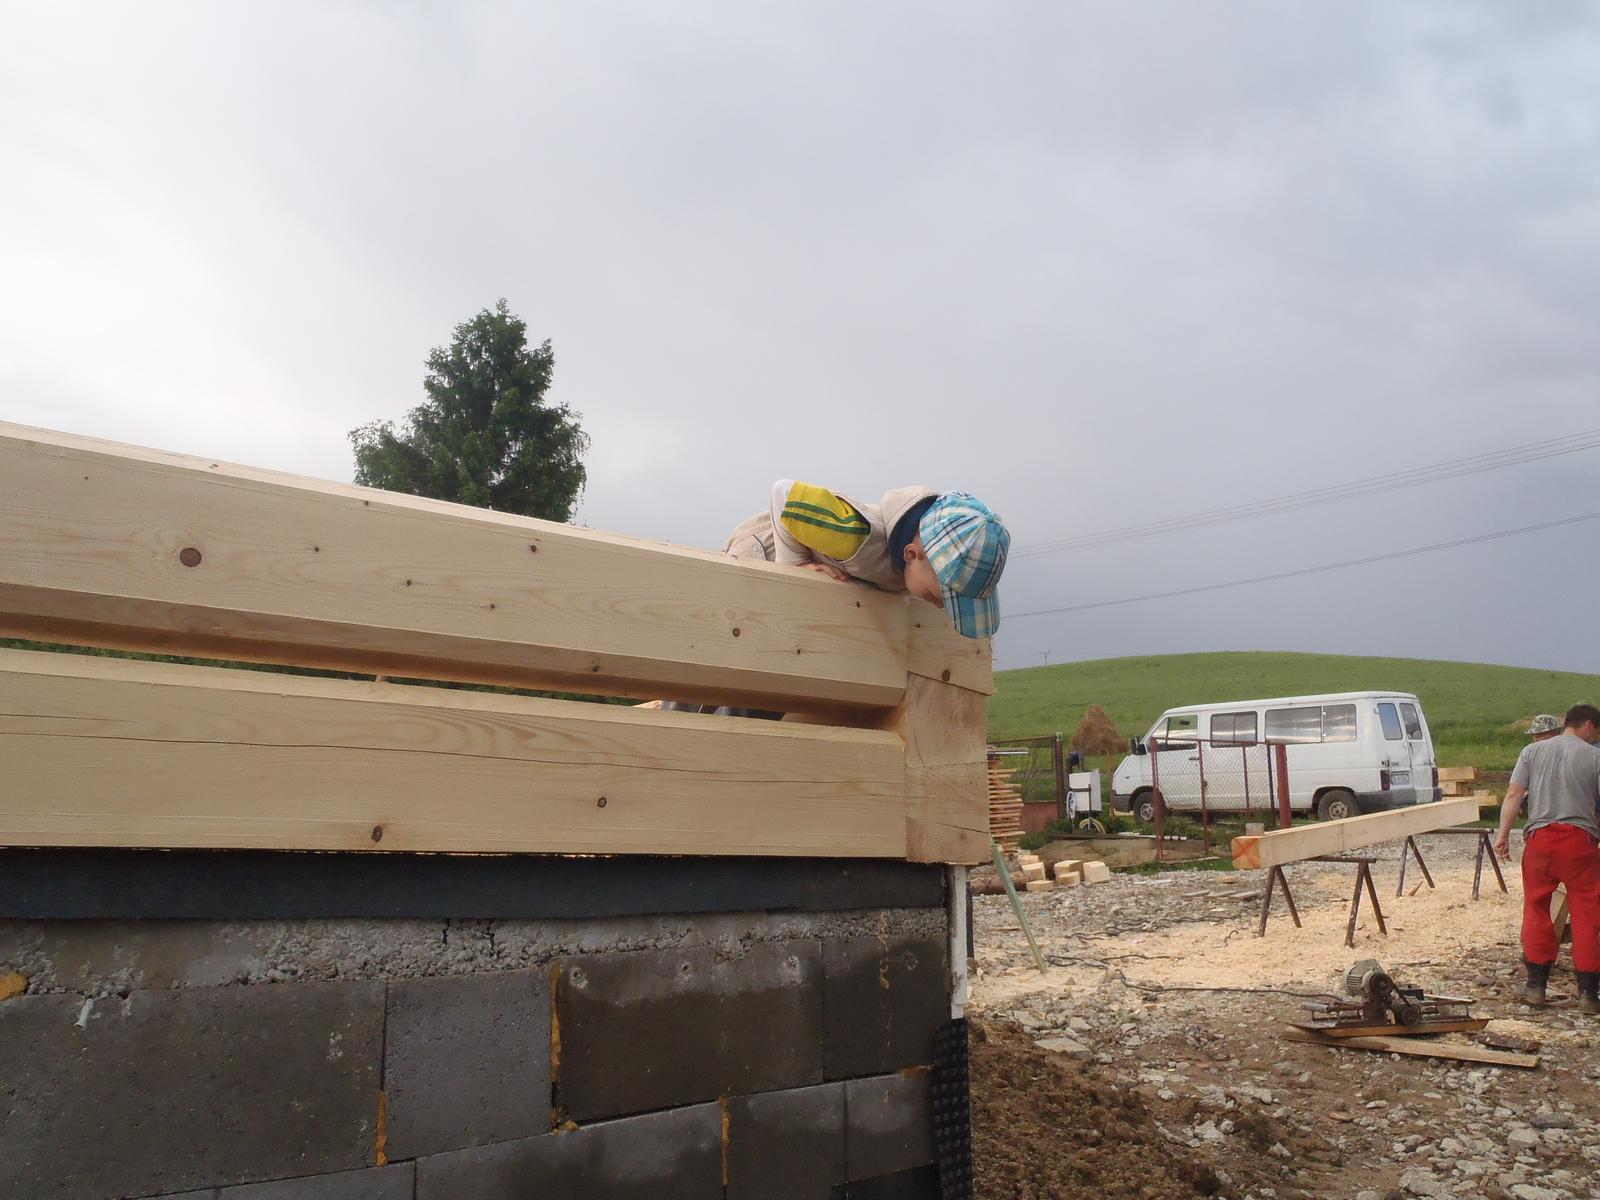 Náš veľký sen o drevenom domčeku! - Ešte kuknem či je dobre spoj :-D